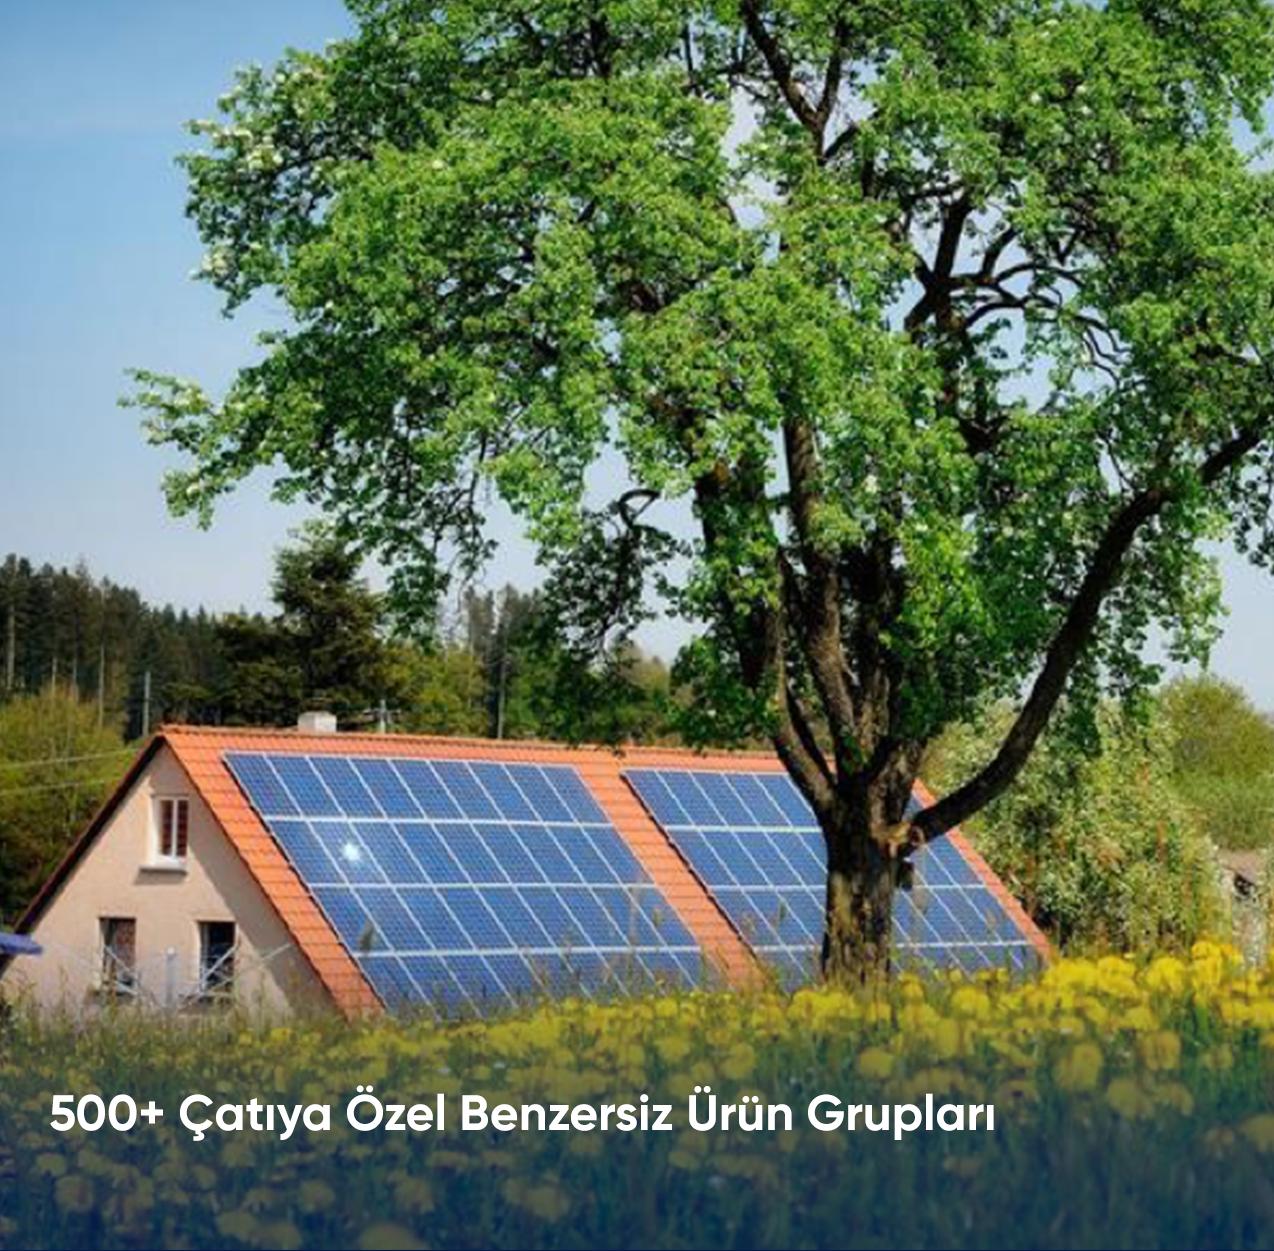 500+ Çatıya Özel Benzersiz Ürün Grupları